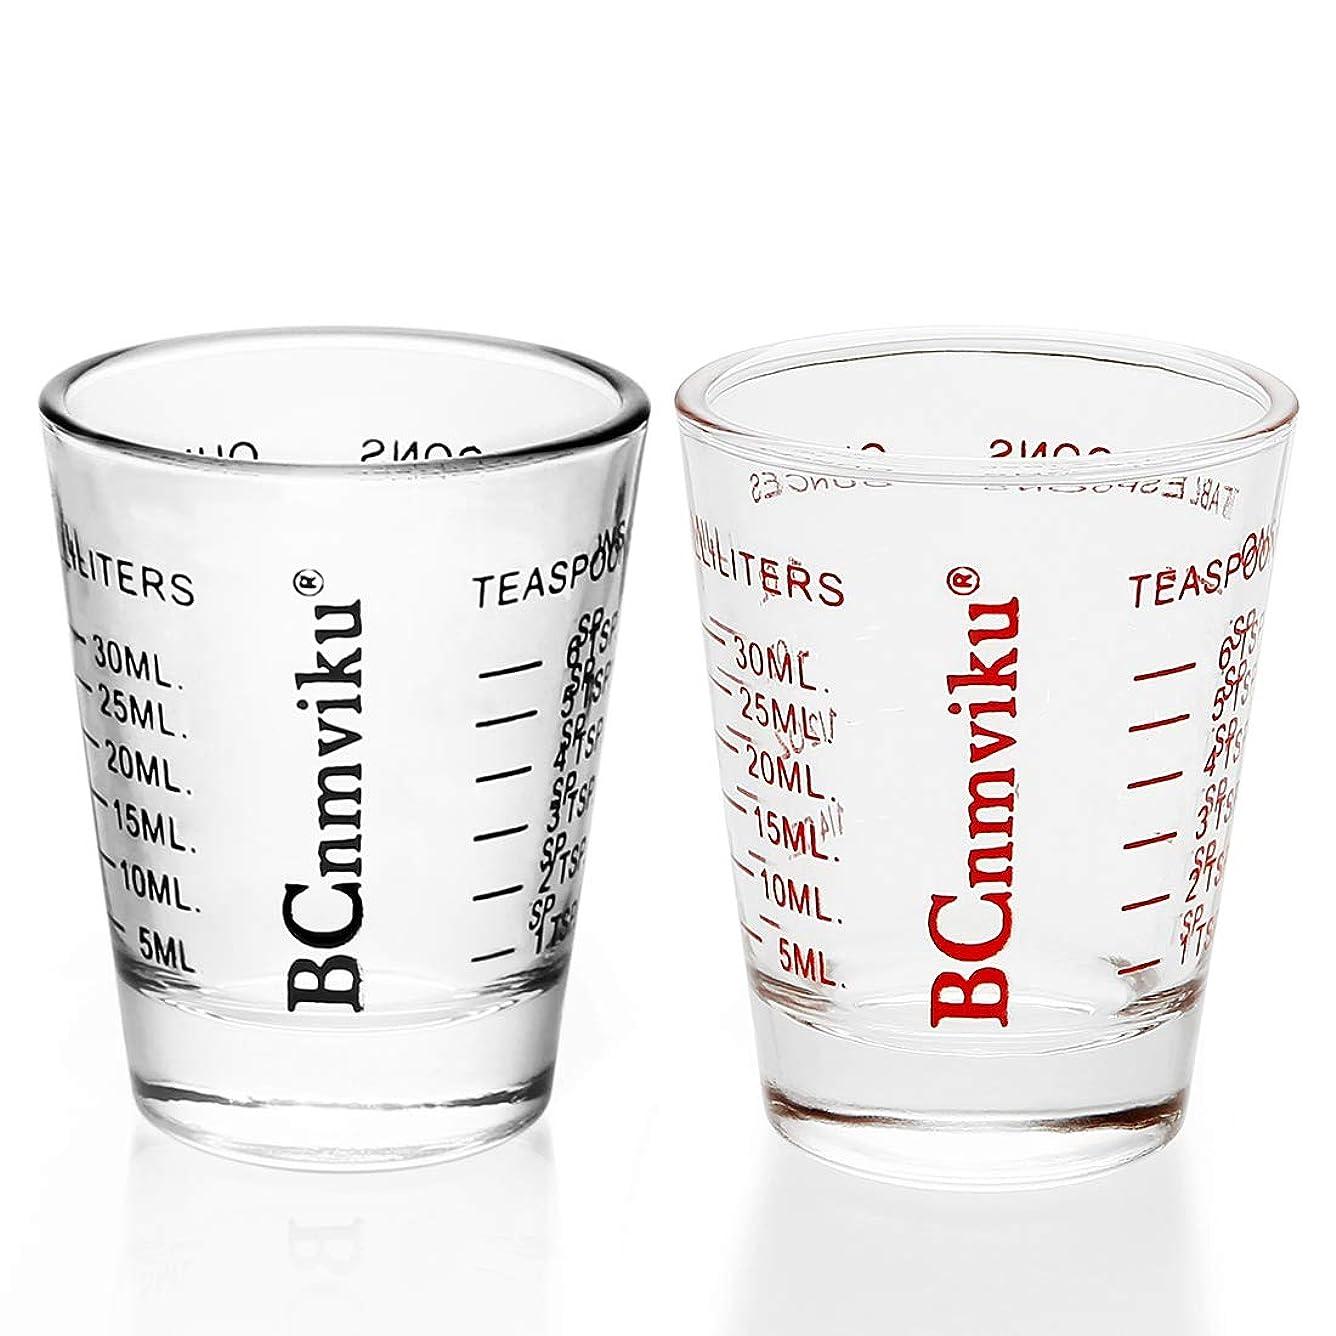 適合するセラー悪意のあるショットグラス エスプレッソ 1oz/30ml 計量カップ 目盛り付き 厚み強化 耐熱ガラス製 お酒グラス ワイングラス エスプレッソマシン 居酒屋 レストラン カフェ (ブラック,レッド)